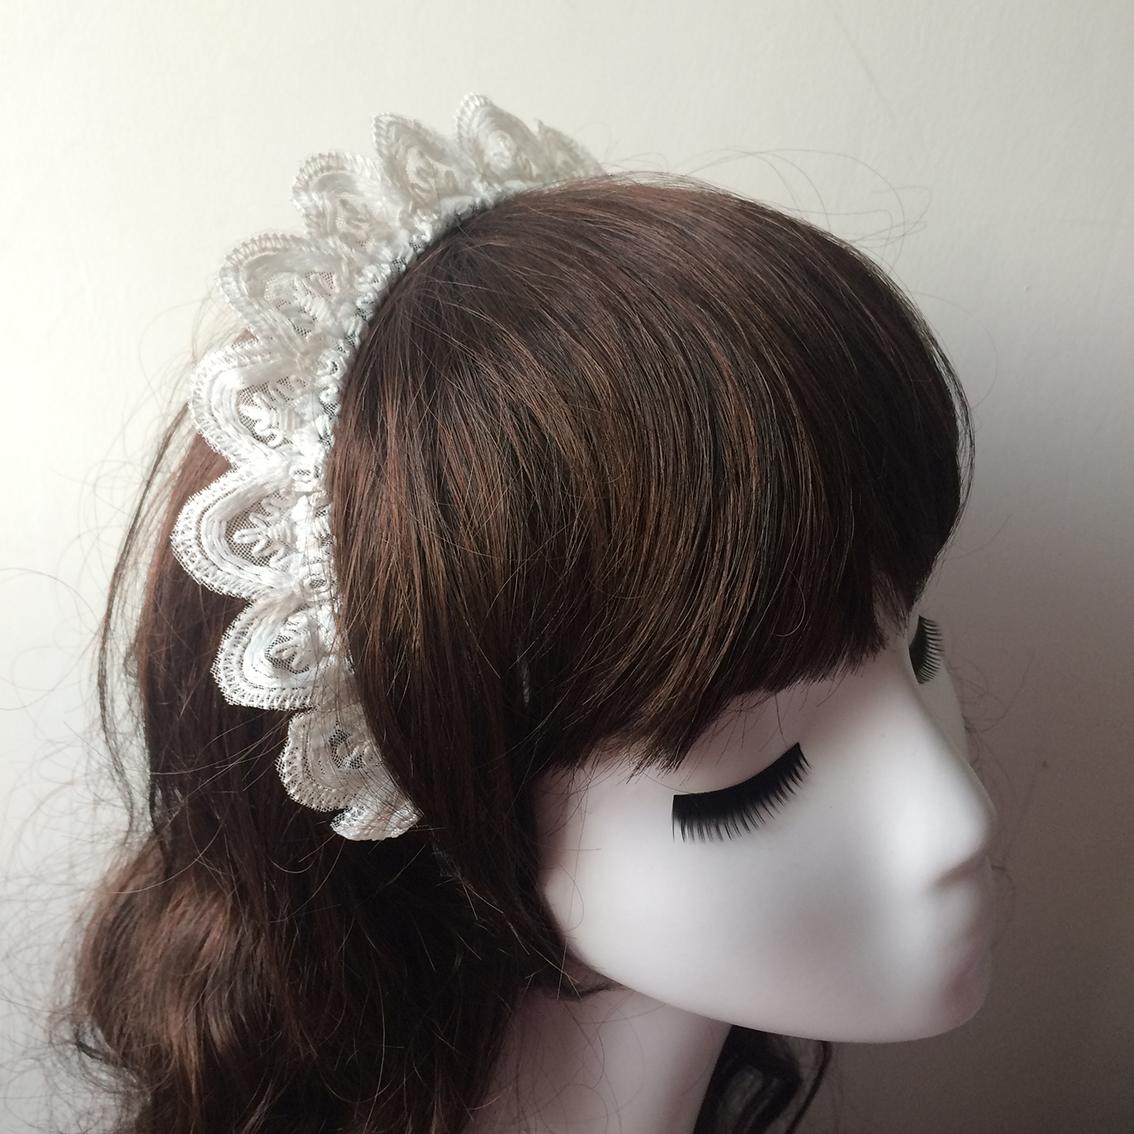 暖暖手作白色洛丽塔蕾丝王冠cos发箍女仆发饰甜美lolita头饰